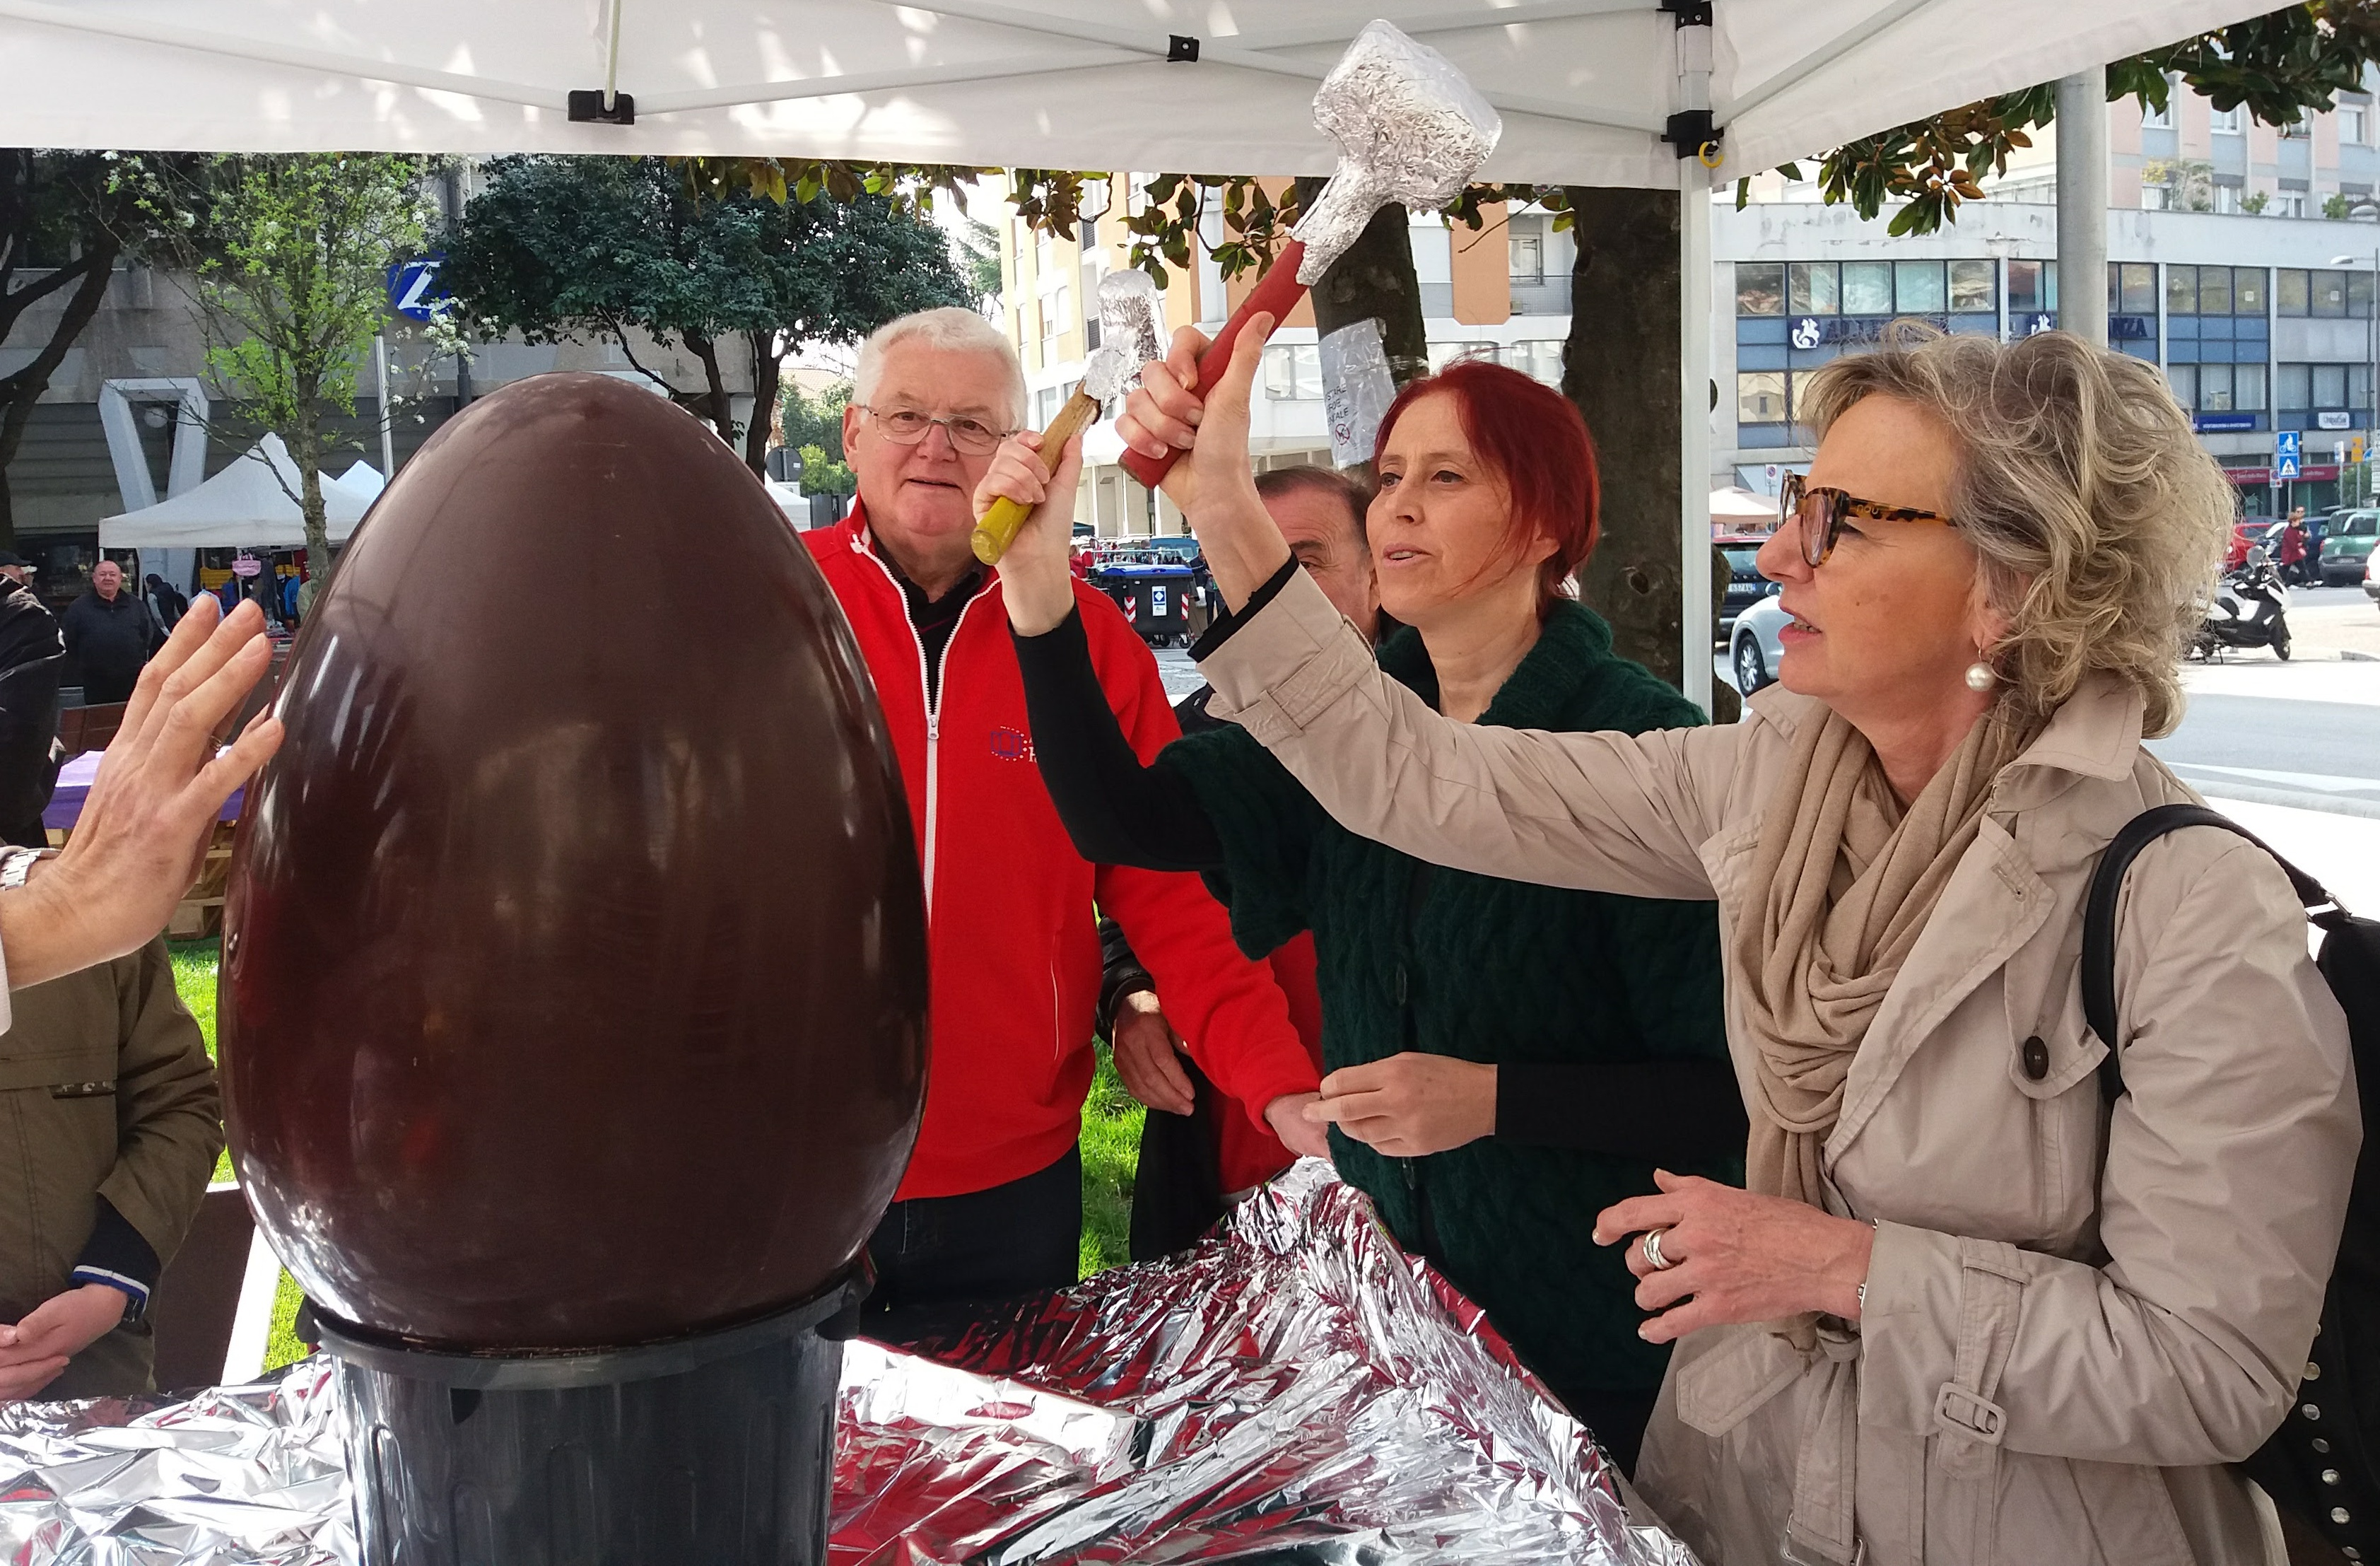 Apertura Uovo Pasquale Di Cioccolato Alla Presenza Delle Autorità